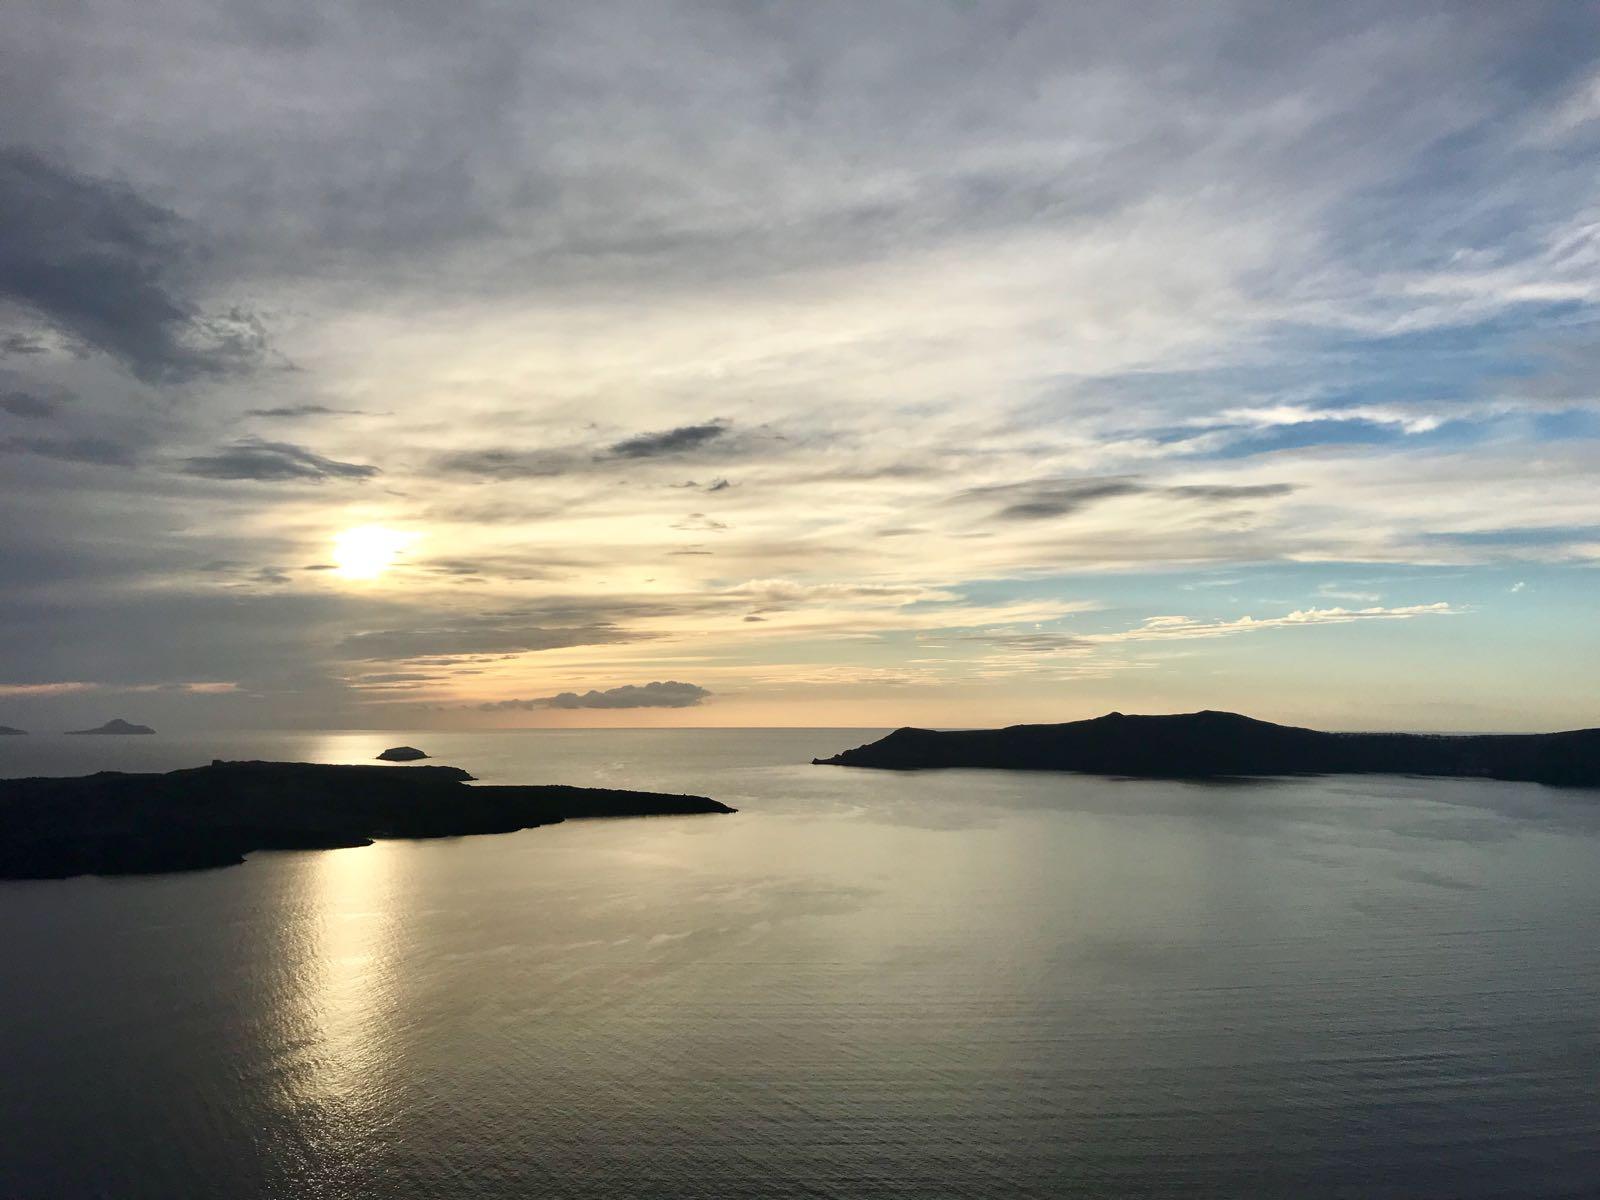 Sunset over the Santorini lagoon